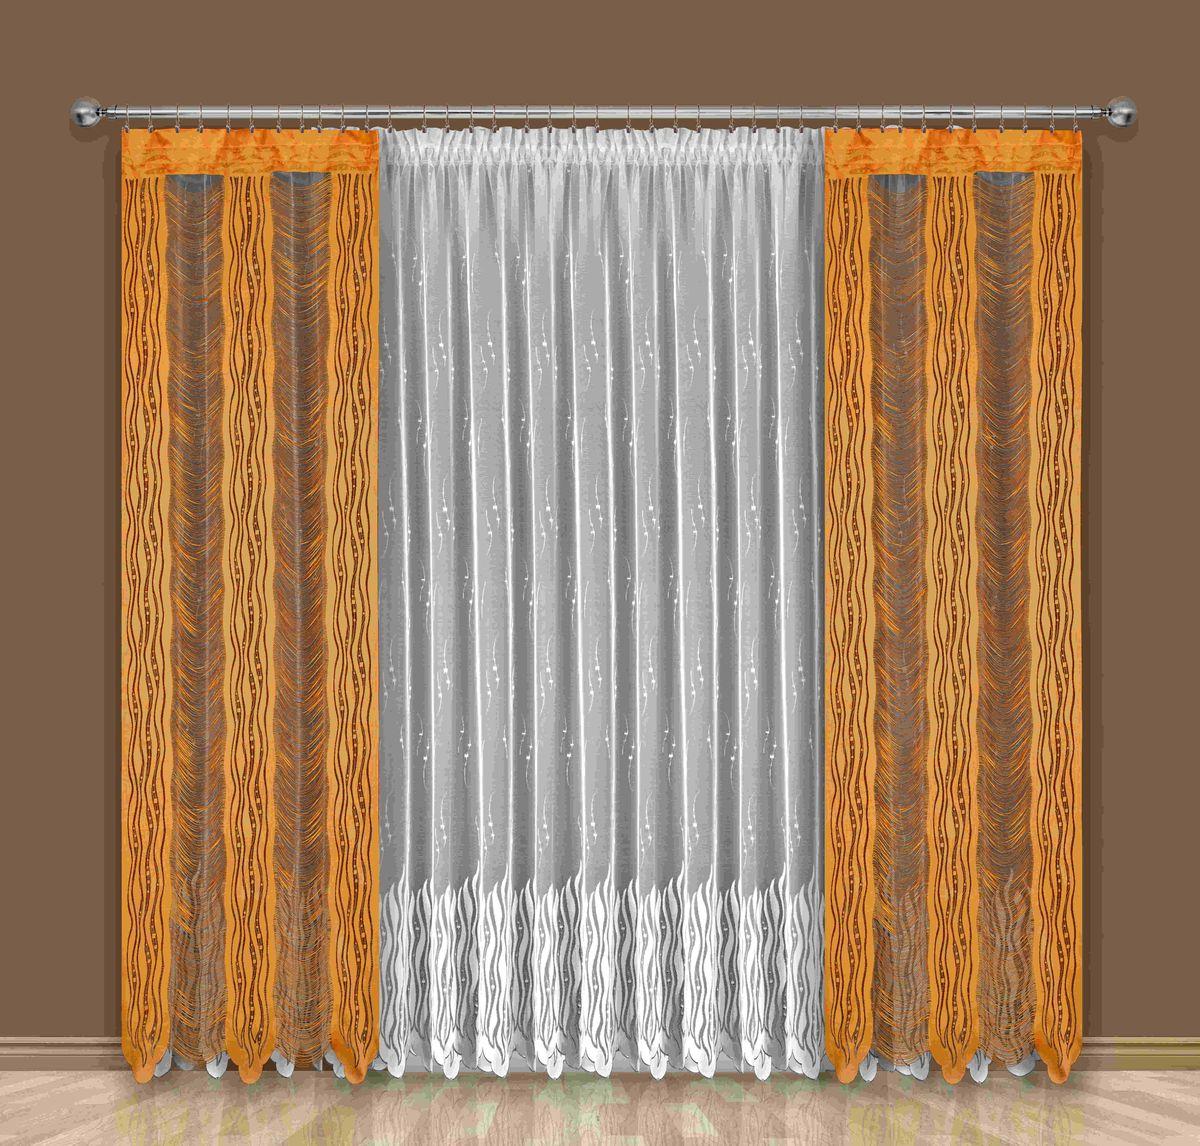 Комплект штор Wisan Alba, на ленте, цвет: белый, оранжевый, высота 250 см комплект штор wisan lara на ленте цвет оранжевый белый высота 250 см